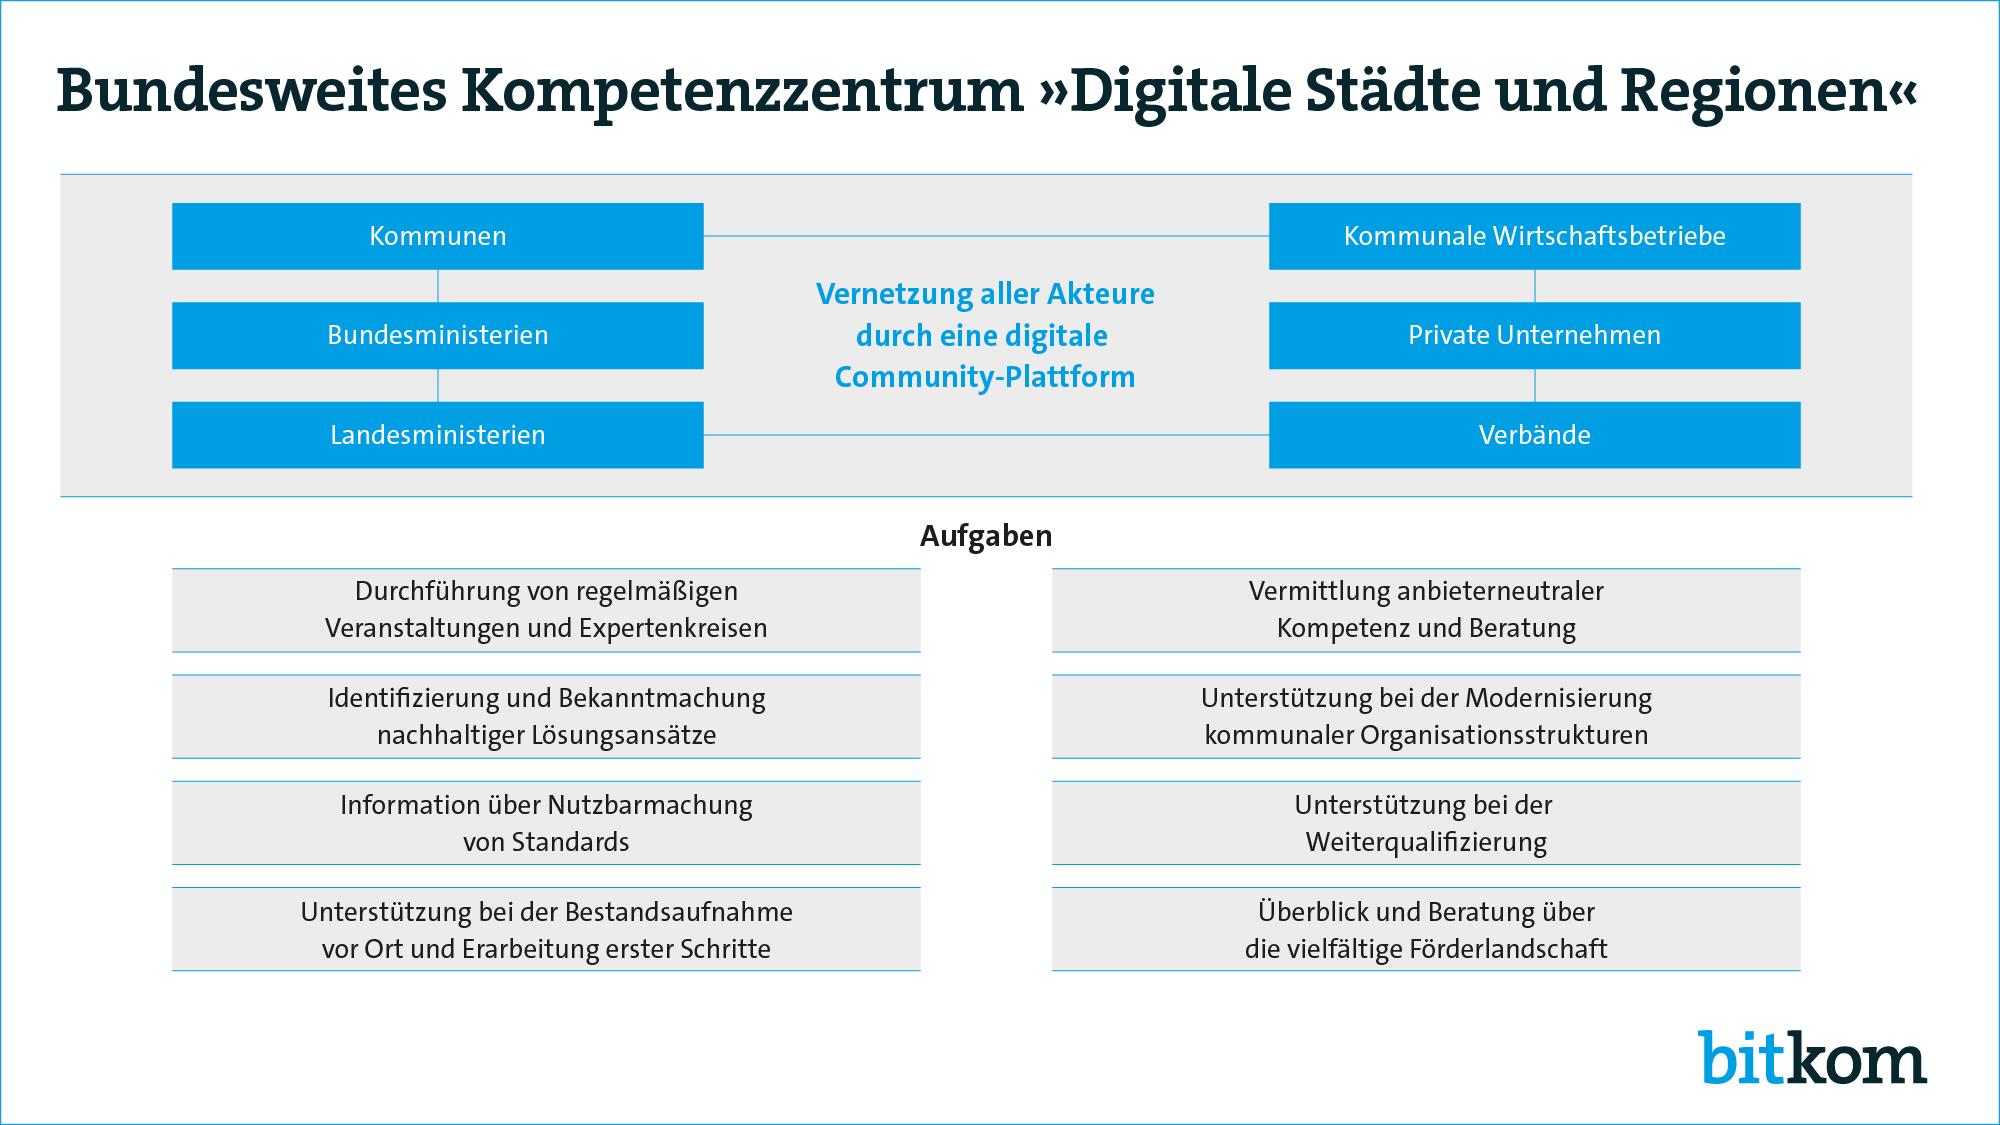 Neun-Punkte-Plan für Digitale Städte und Regionen